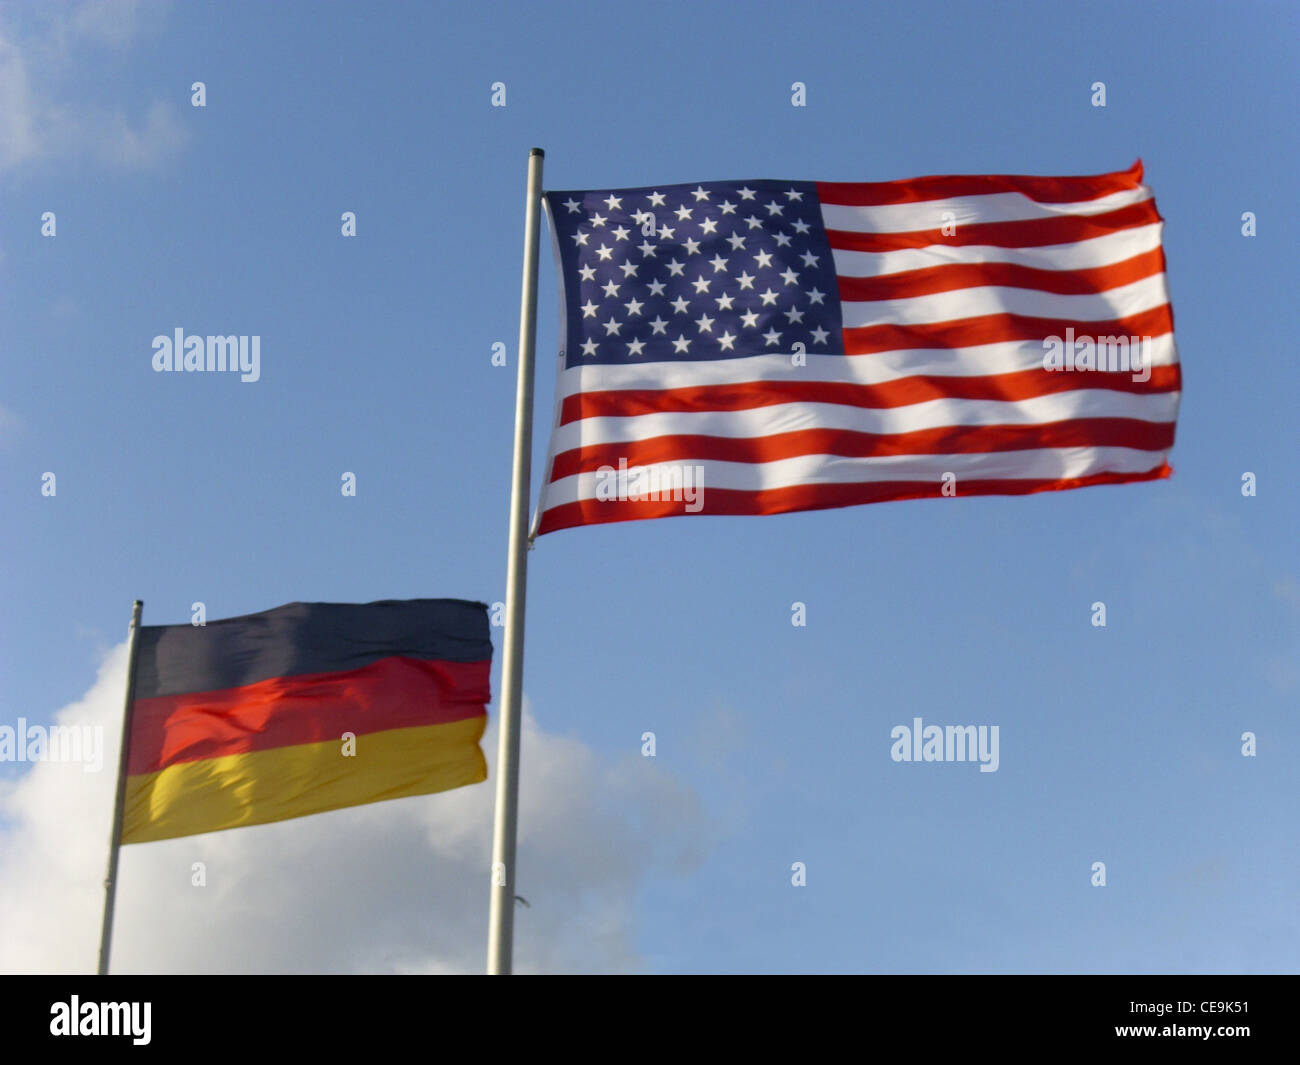 Bandiere degli Stati Uniti d'America e la Repubblica federale di Germania Immagini Stock